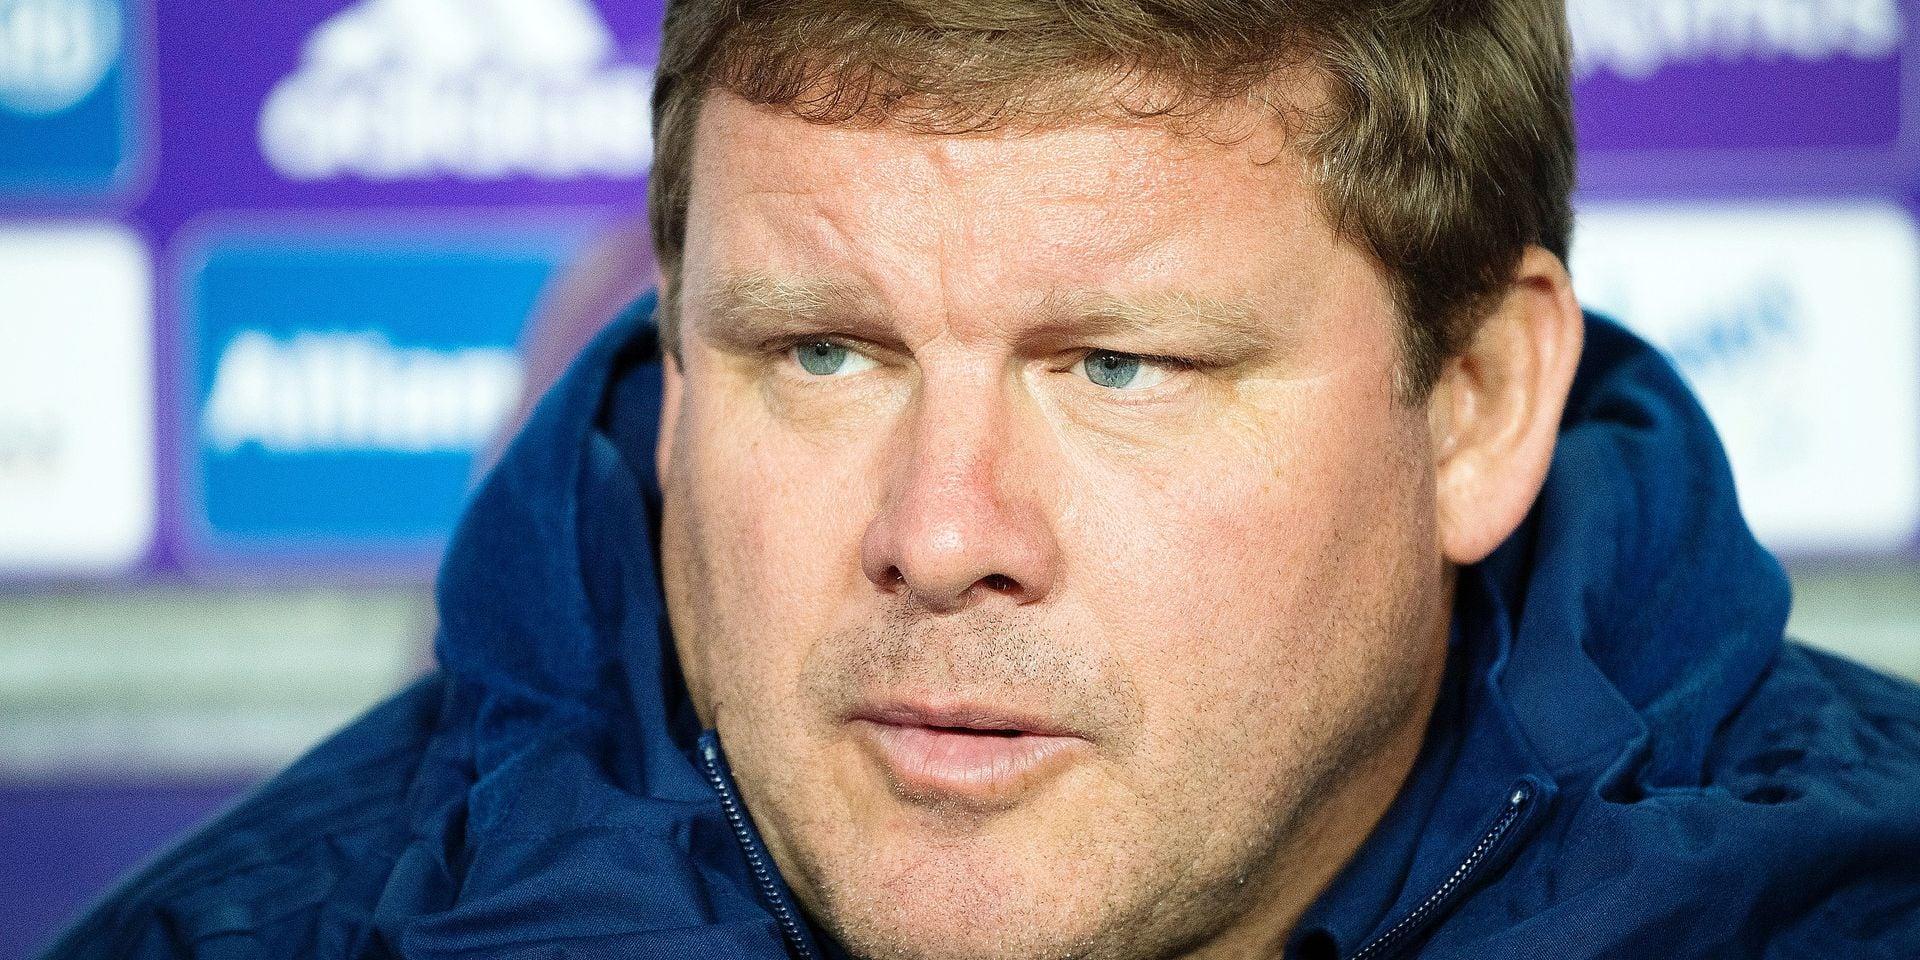 Clash entre Vanhaezebrouck et les fans à Anderlecht: voici pourquoi le public sera toujours gagnant